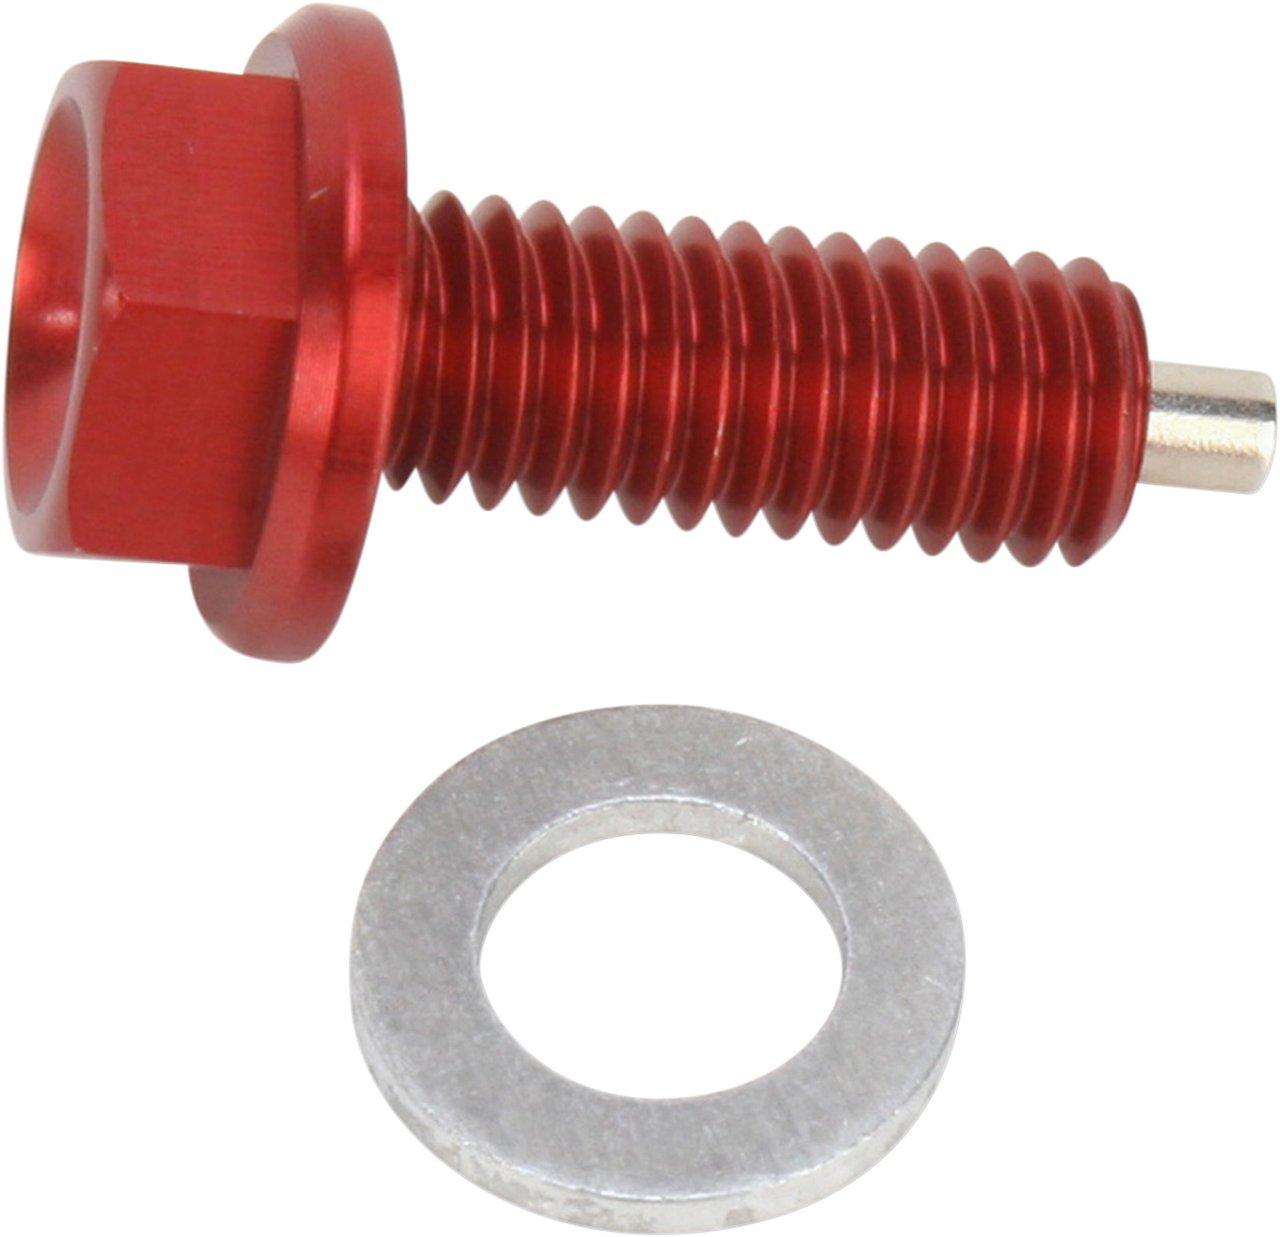 【MOOSE RACING】磁性卸油螺絲/ZIPTY [0920-0065] - 「Webike-摩托百貨」